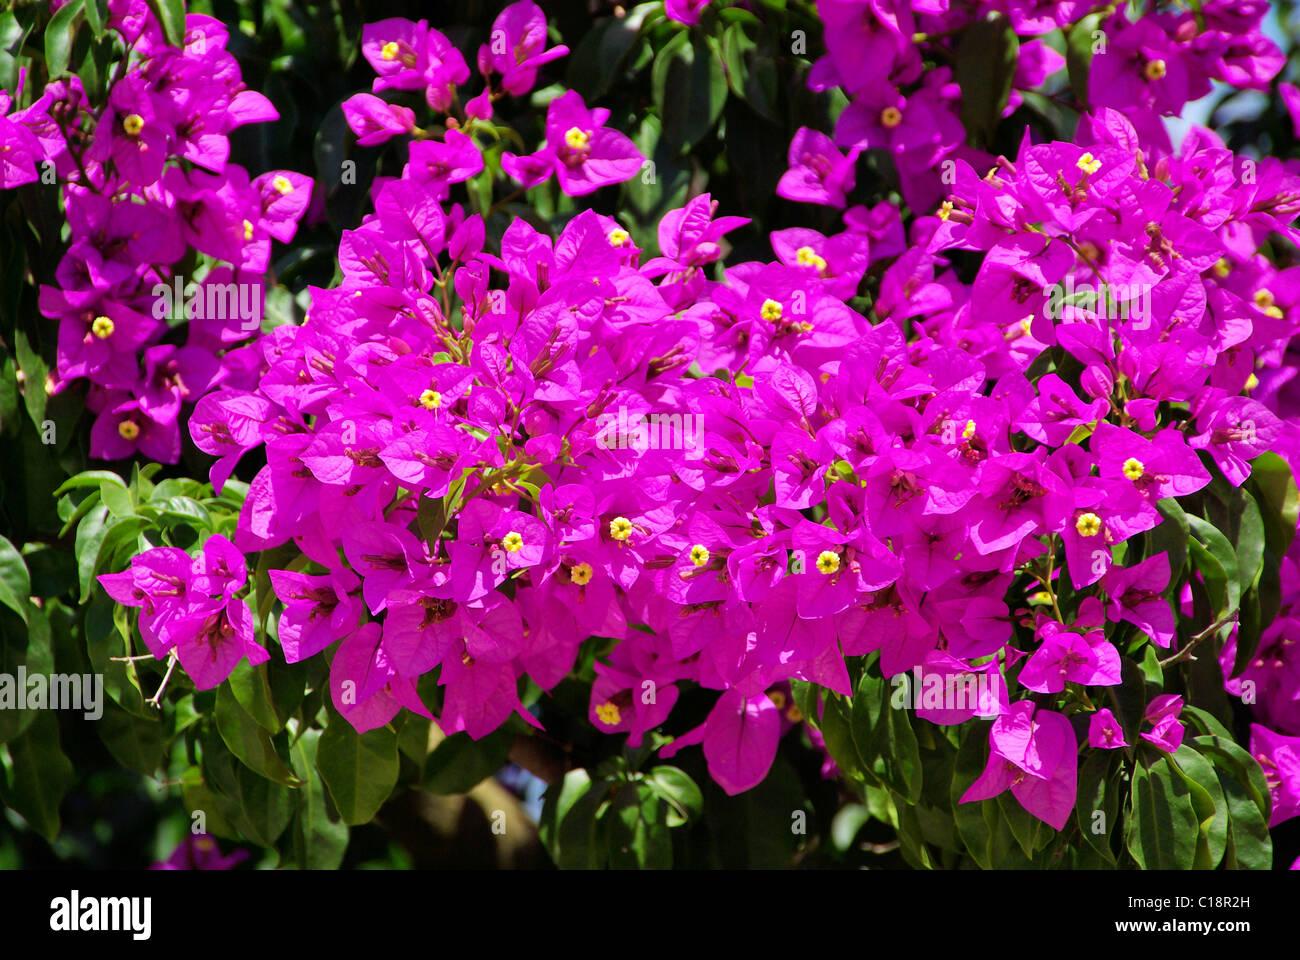 Bougainvillea 11 - Stock Image